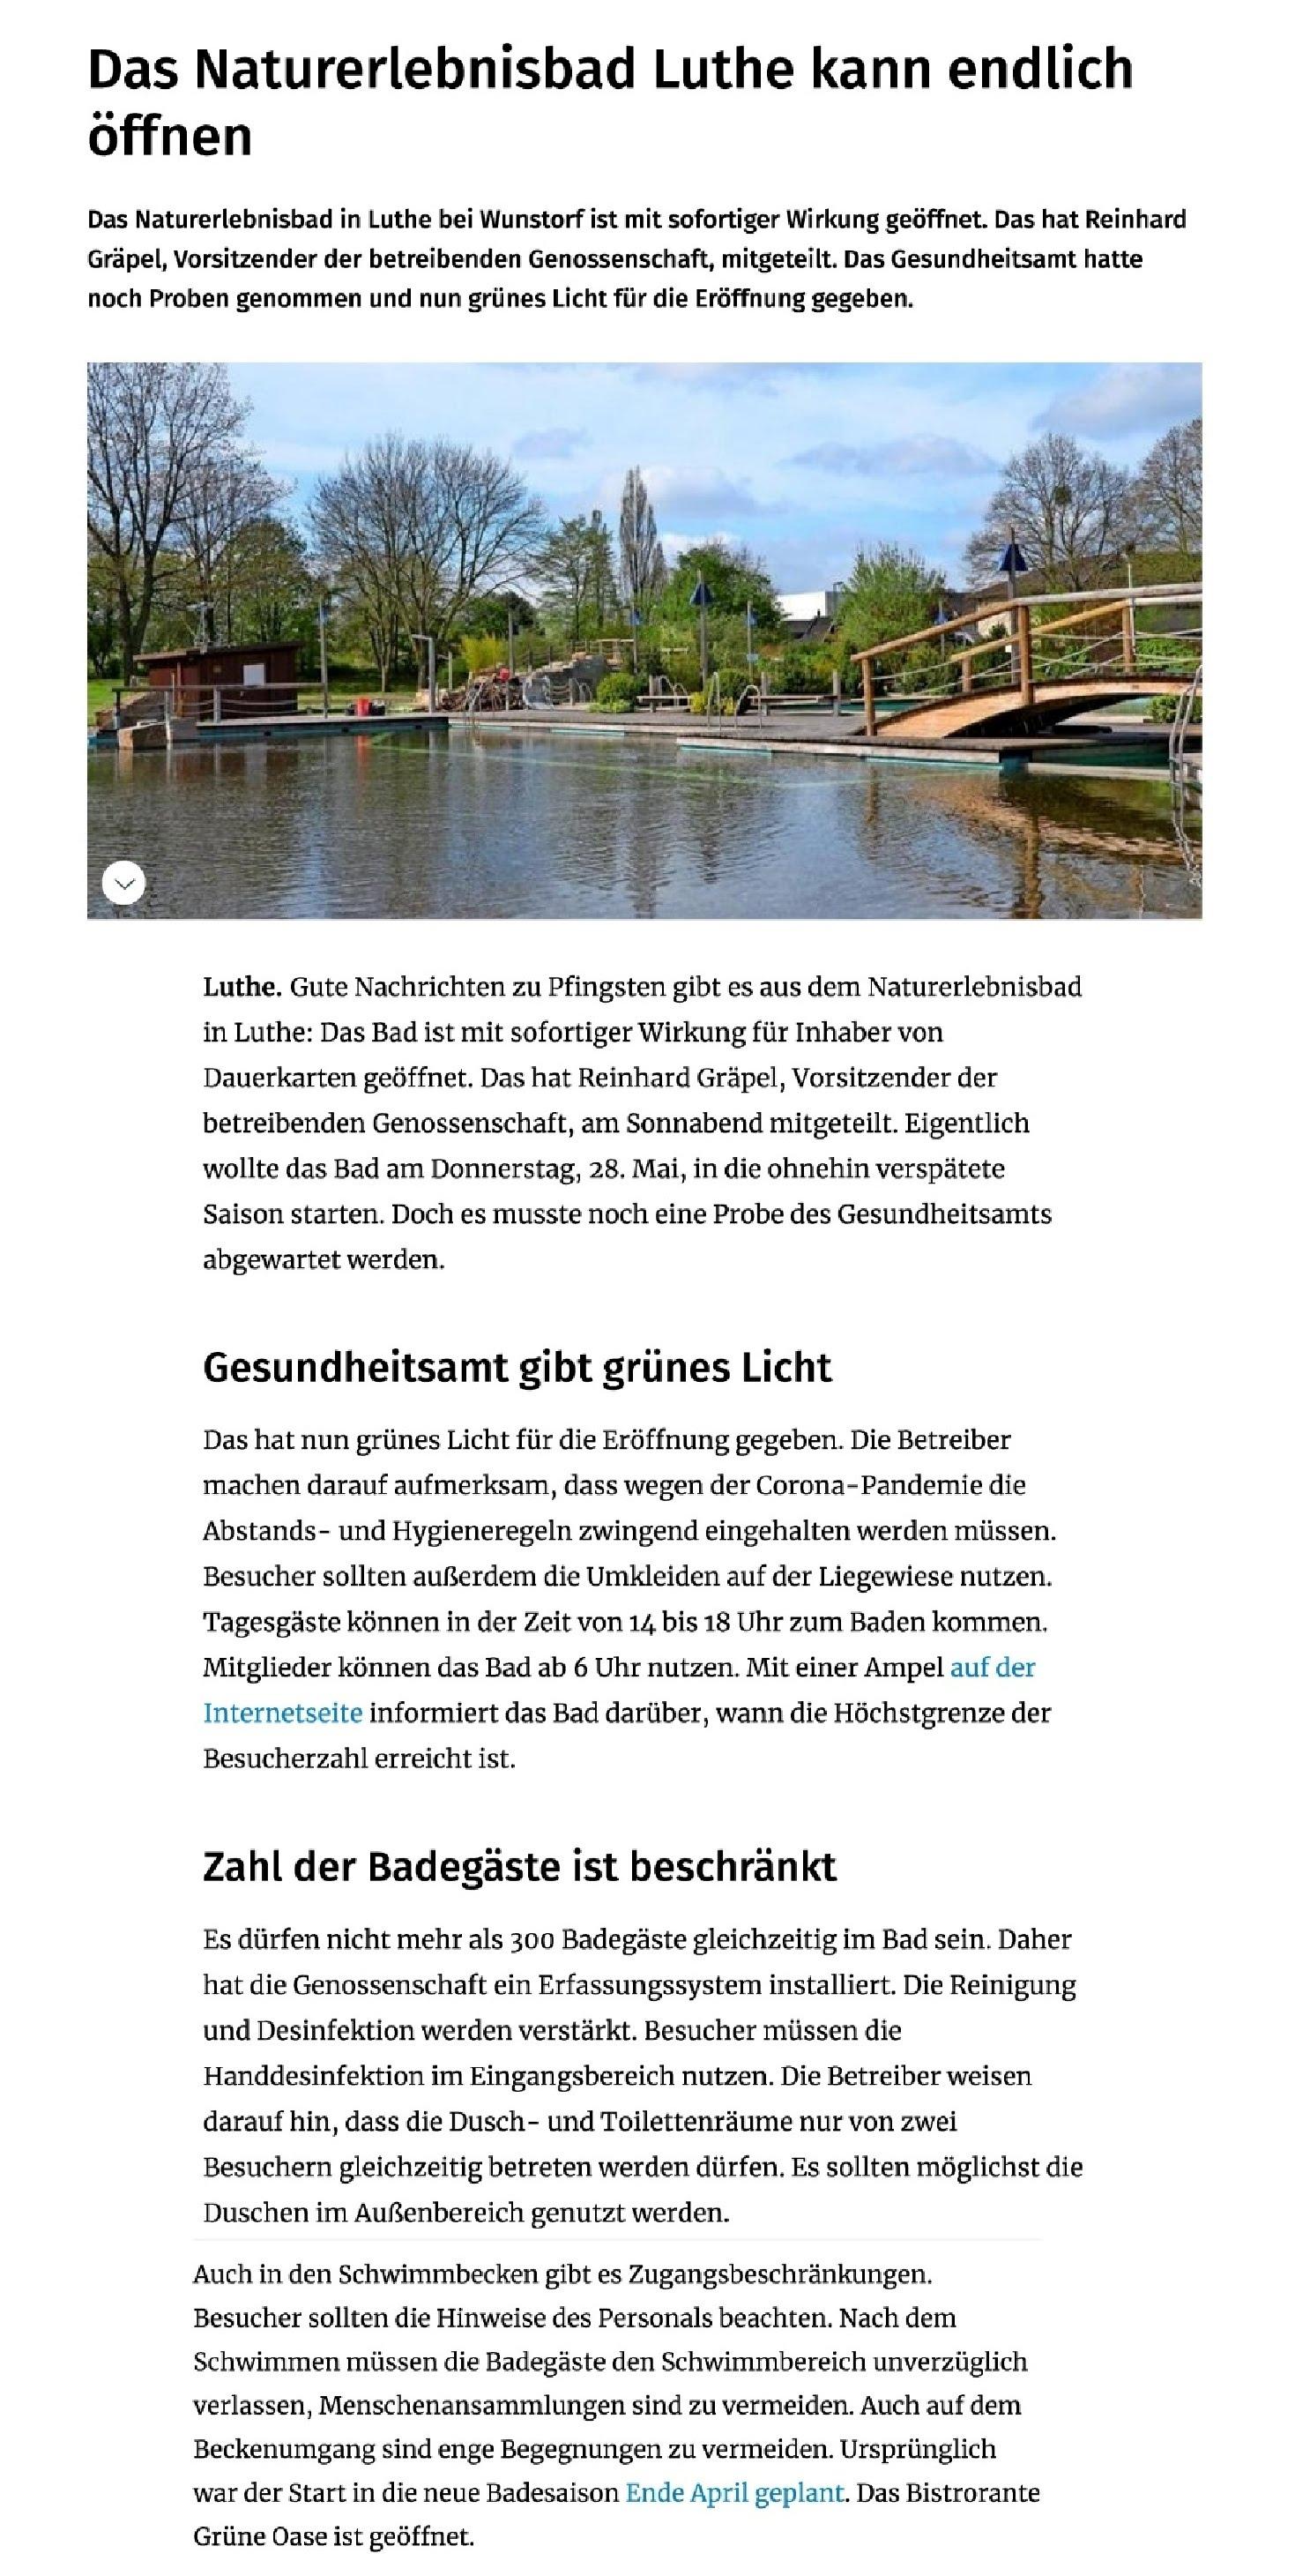 https://sites.google.com/a/naturerlebnisbad-luthe.de/nebluthe/presse/2020-05-30_HAZ+Naturerlebnisbad%20Luthe%20kann%20%C3%B6ffnen1.jpg